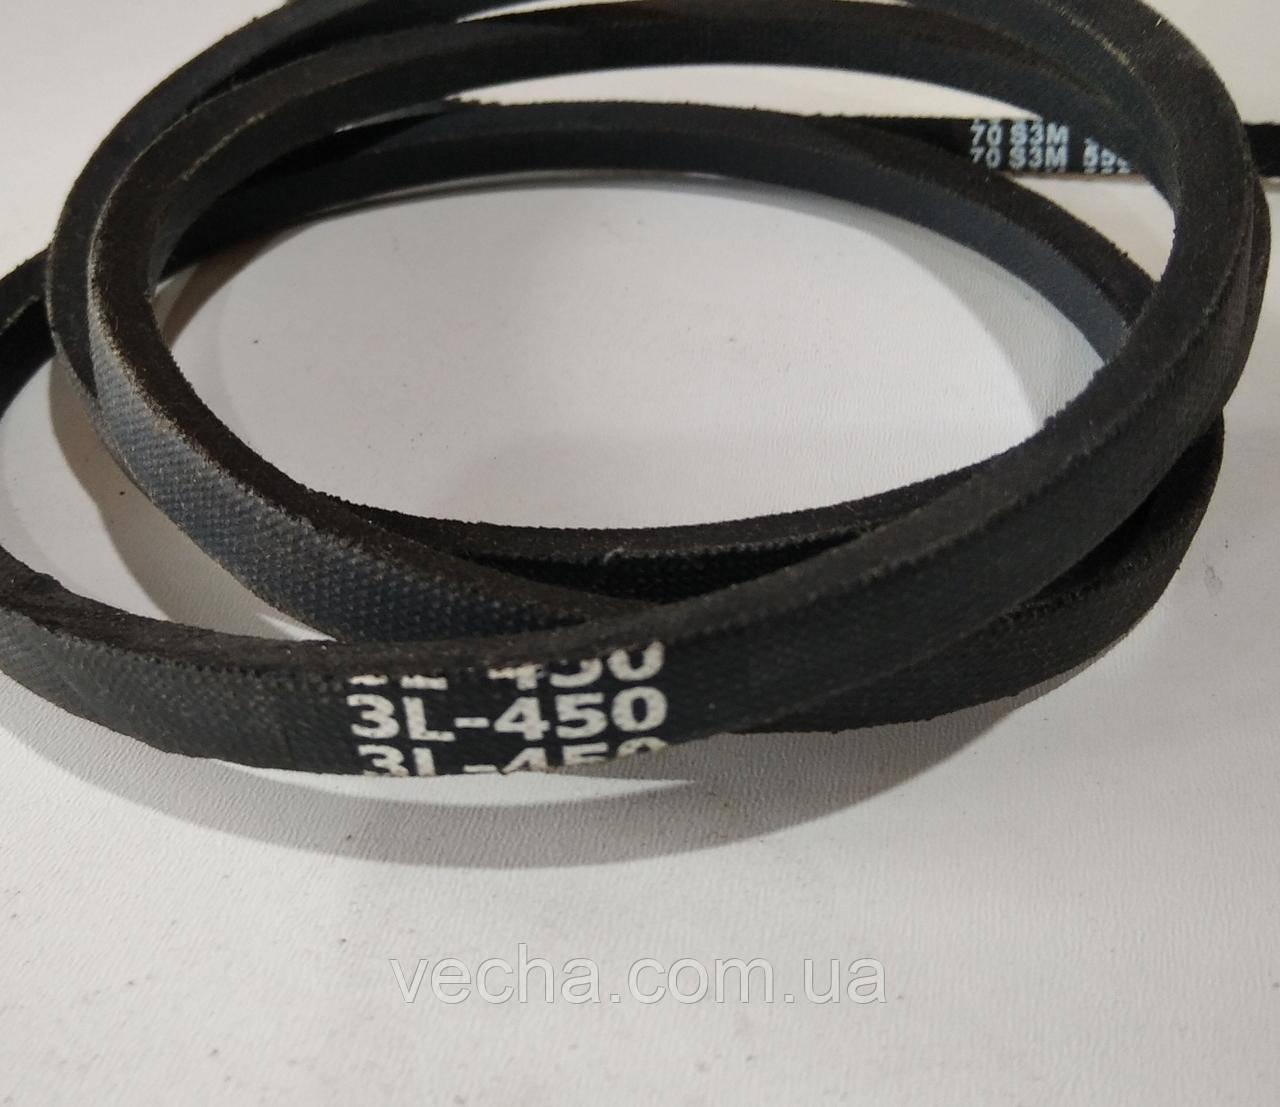 Ремень 3L-450, для стиральной машины